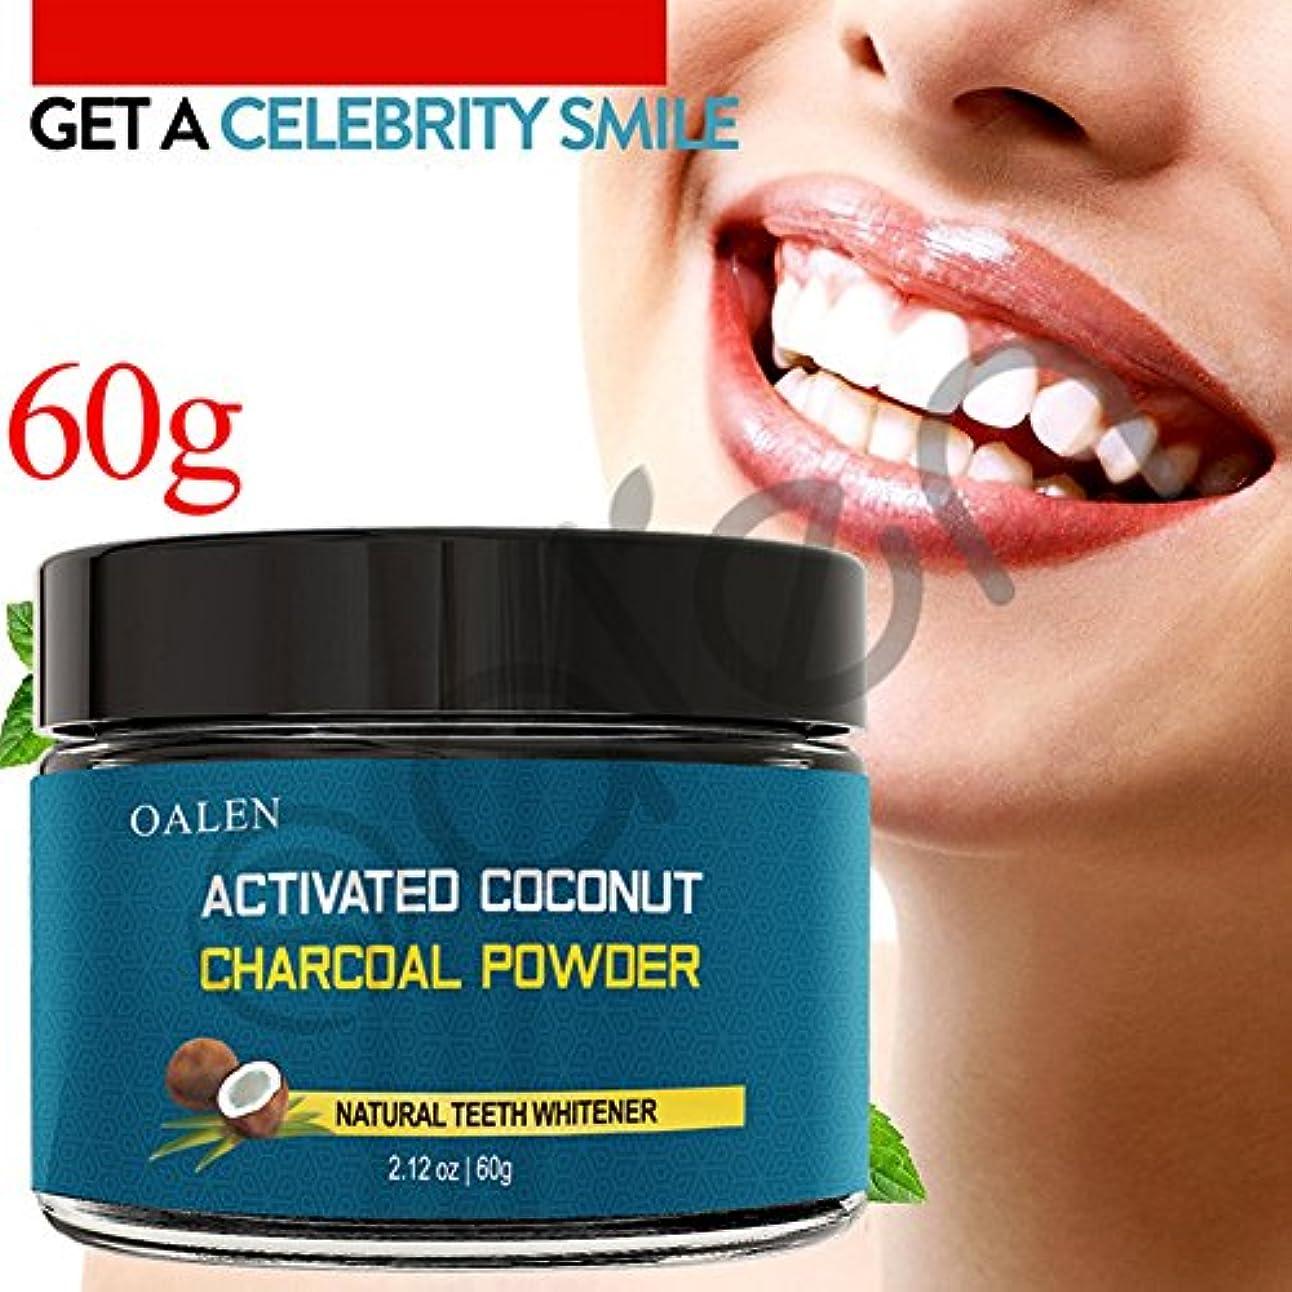 内訳医療の誰かLiebeye 歯 ホワイトニング パウダー グラム 天然活性 ココナッツチャコール 歯ホワイトナー 60g